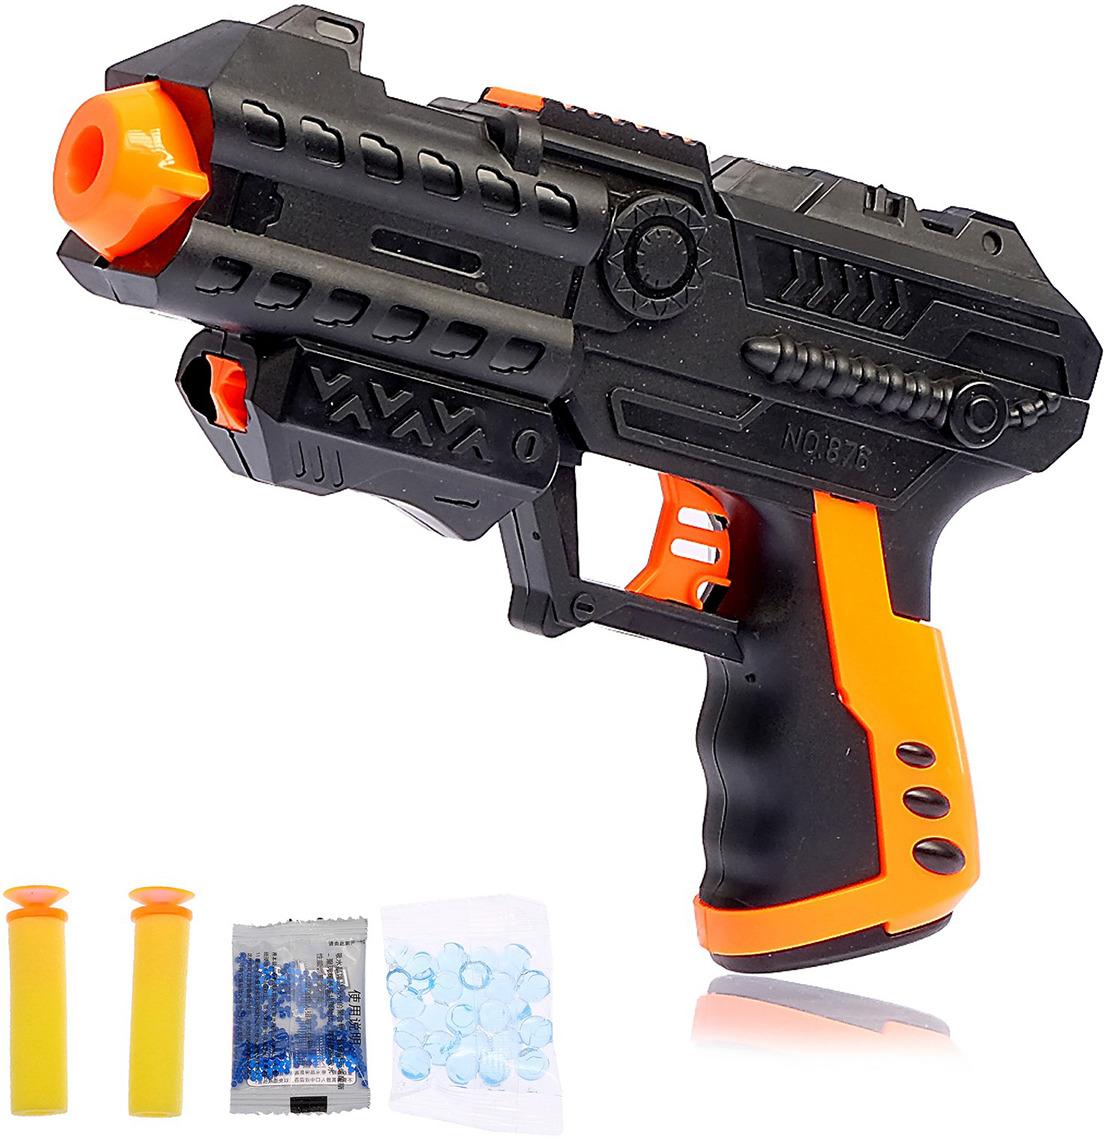 Игрушечное оружие Пистолет Бегущий воин, 2621513 игрушечное оружие пистолет макс 1565554